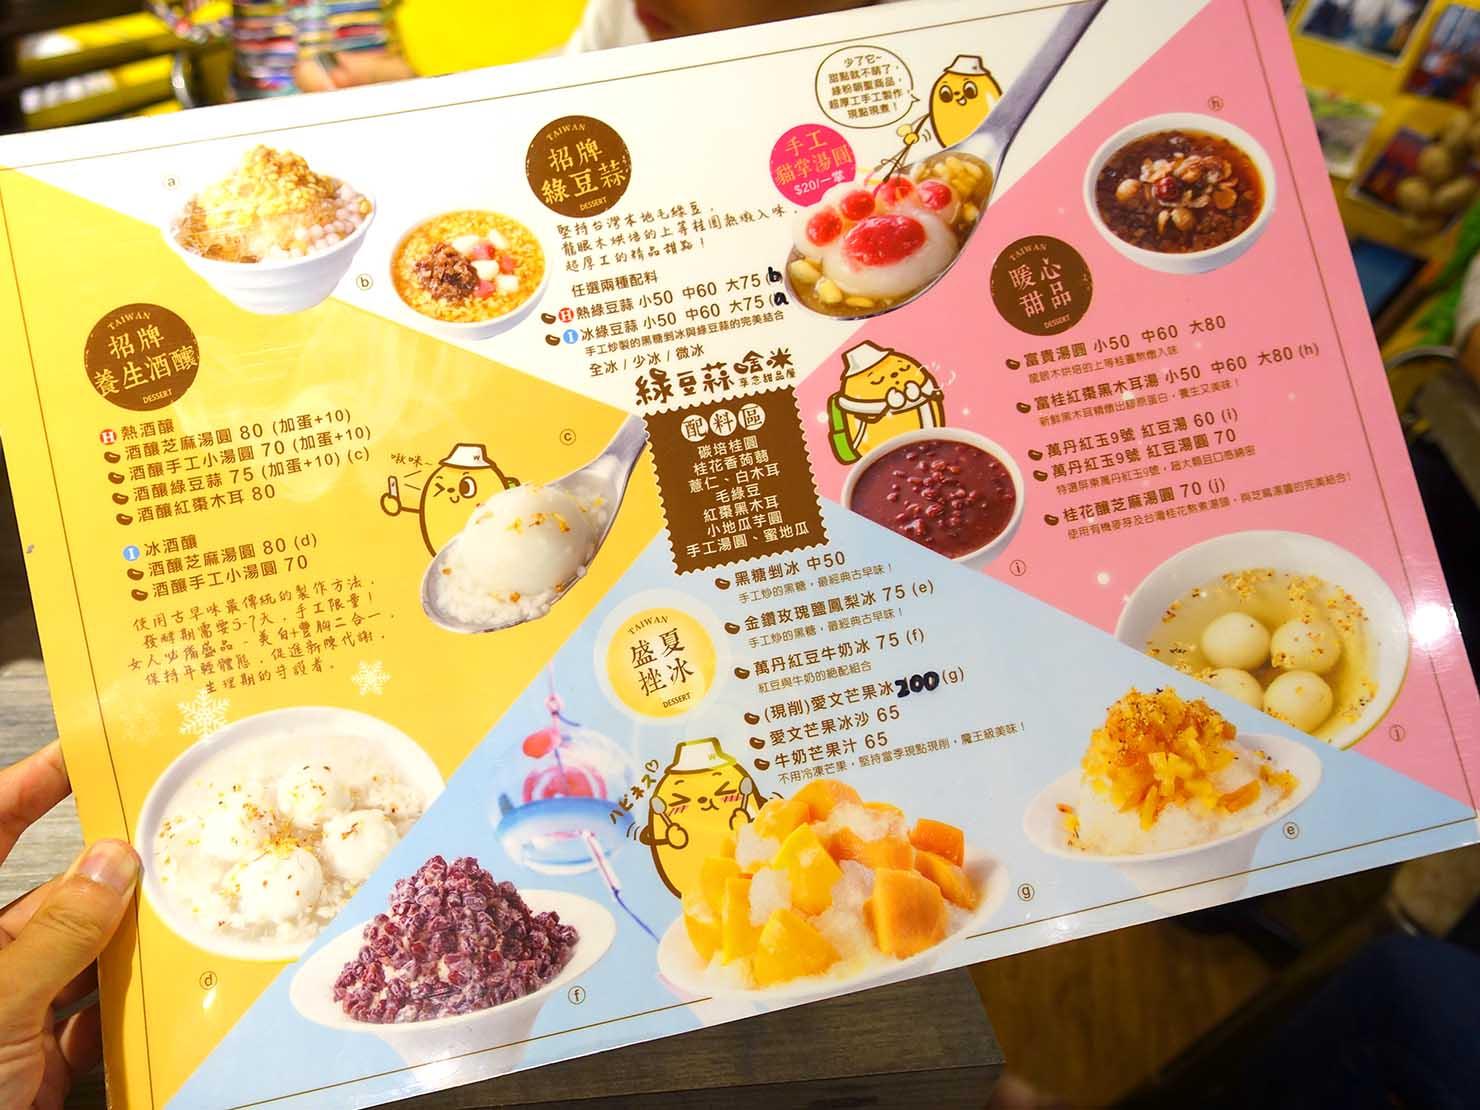 台北・松江南京駅(四平街商圈)周辺のおすすめグルメ店「綠豆蒜啥米」のメニュー